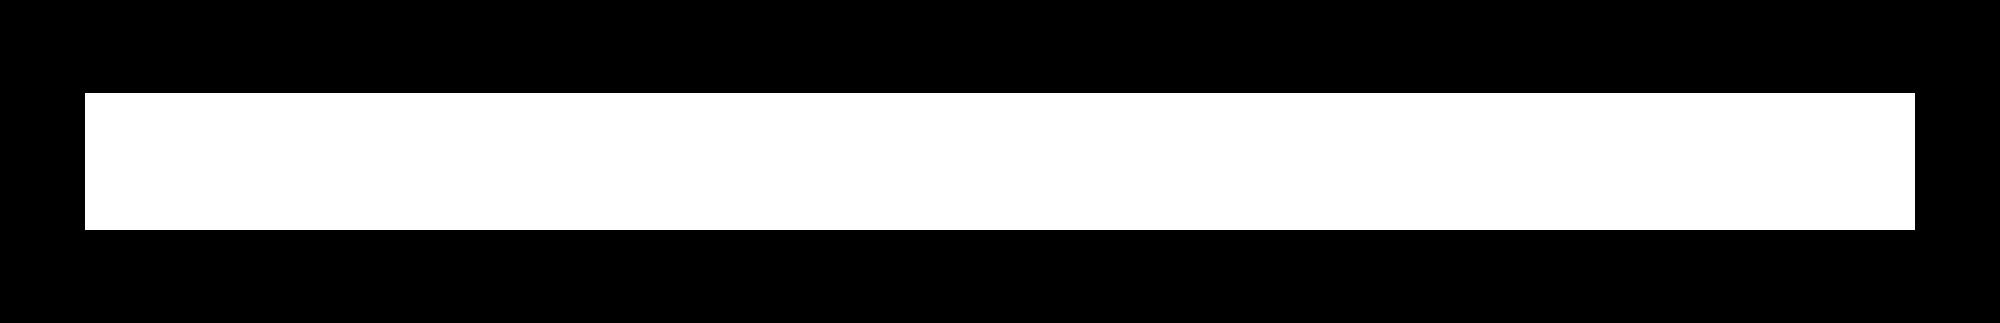 krengel dental logo